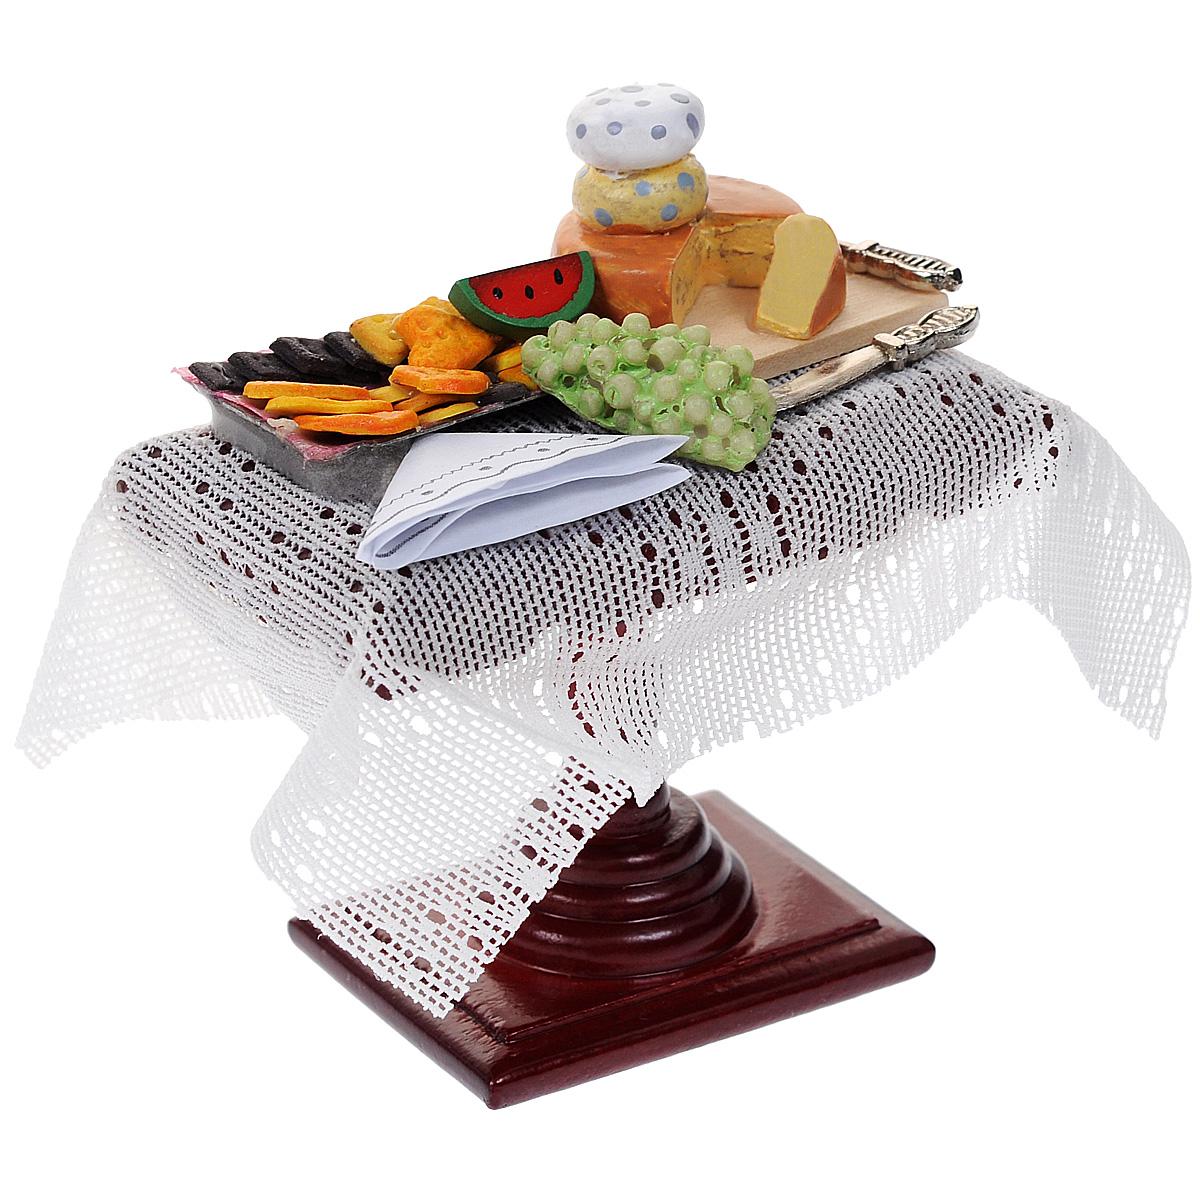 Миниатюра кукольная Art of Mini Столик с едойAM0102044